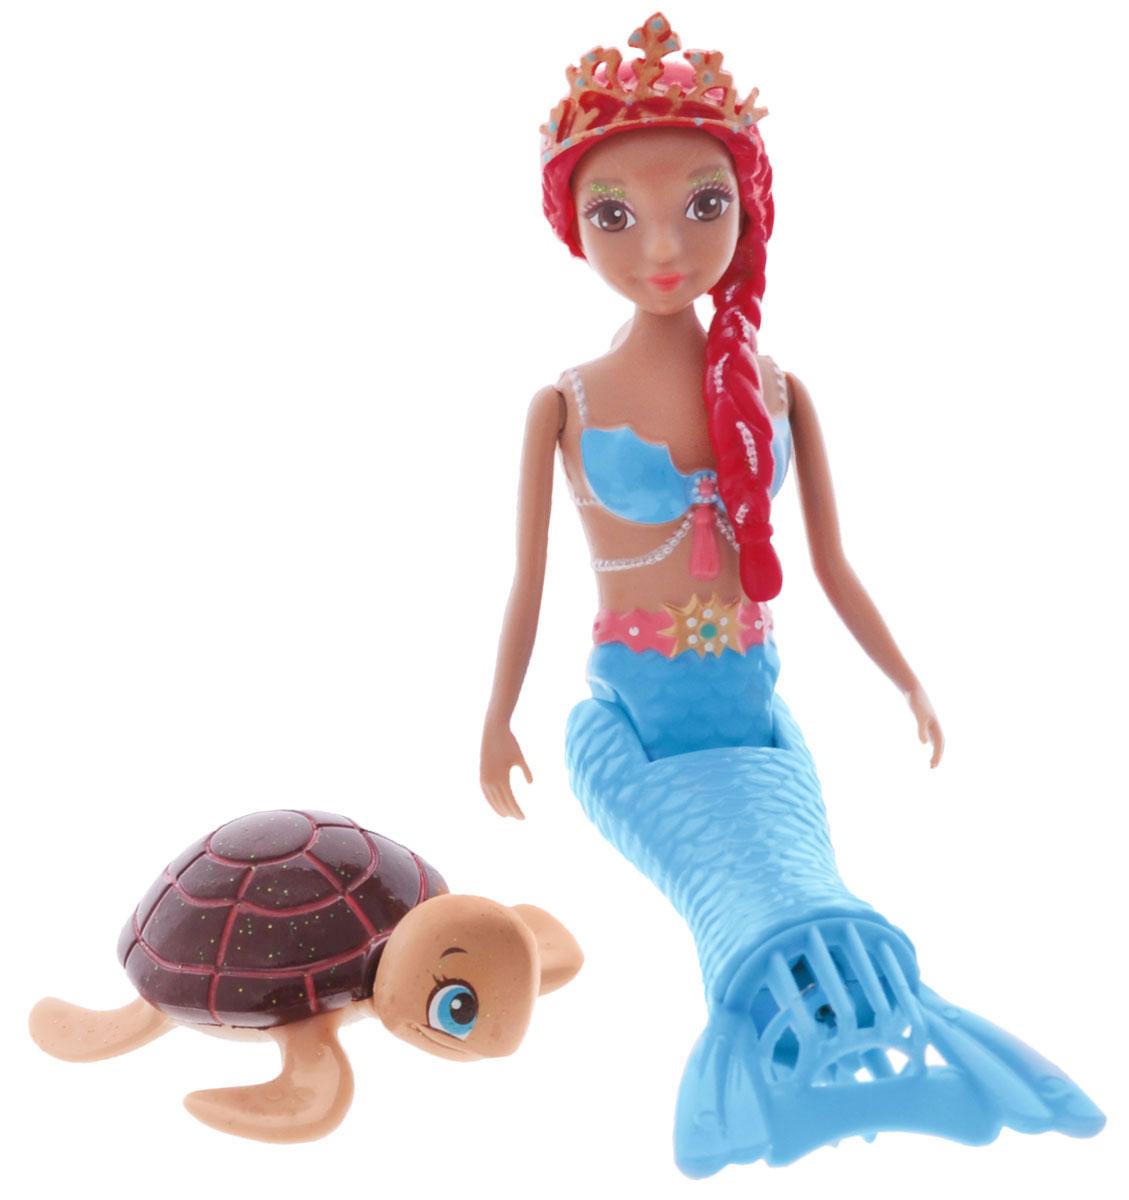 Redwood Мини-кукла Танцующая русалочка Амелия159295Танцующая Русалочка Амелия приведет в восторг вашу малышку! Это электро-механическая игрушка, которая может нырять, плавать и танцевать под водой. Траектория движения игрушки зависит от наклона хвоста. Ручки, голова и хвост у куколки подвижны. При погружении куклы в холодную воду, у нее меняется цвет хвоста и купальника (с нежно голубого на фиолетовый), как по волшебству! В наборе с русалочкой имеется ее маленький питомец - забавная морская черепашка. Игрушка работает от 1 батарейки типа ААА (в комплект не входит).